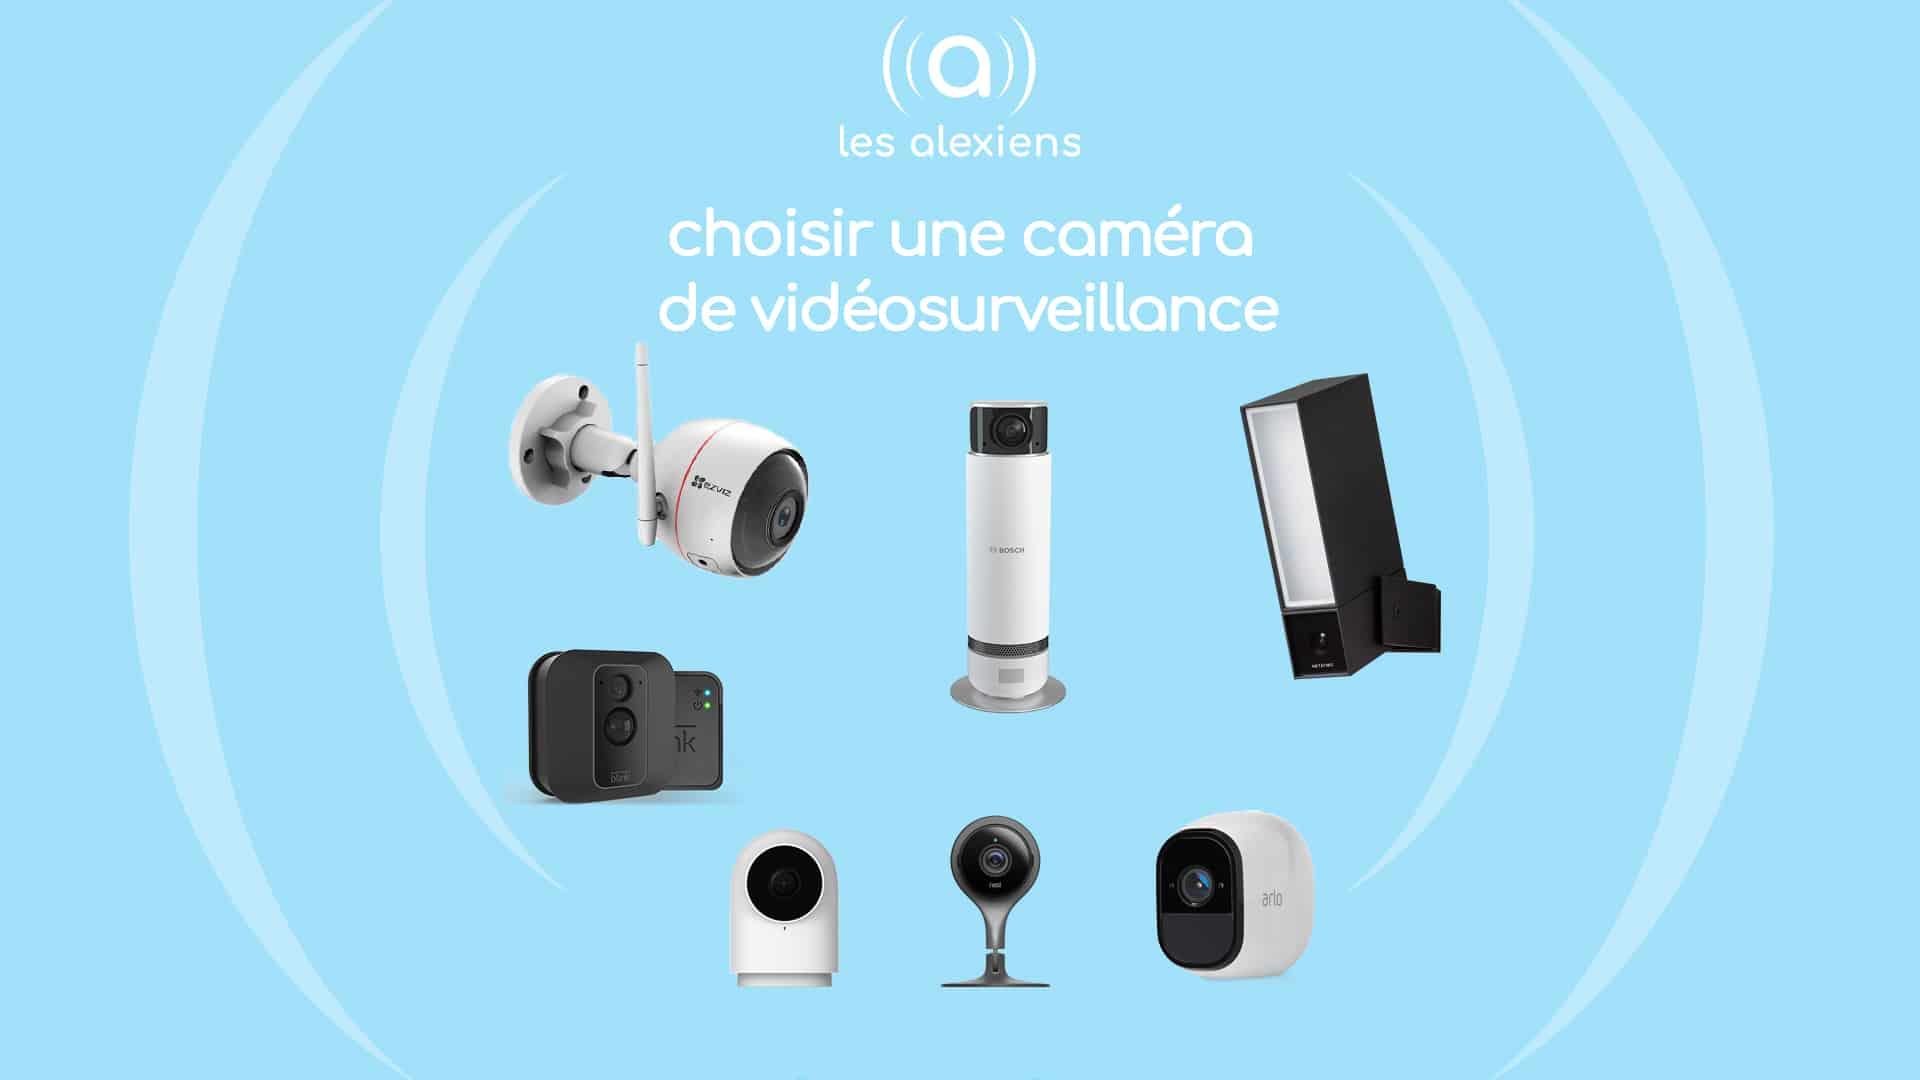 Comment choisir une caméra de vidéosurveillance?